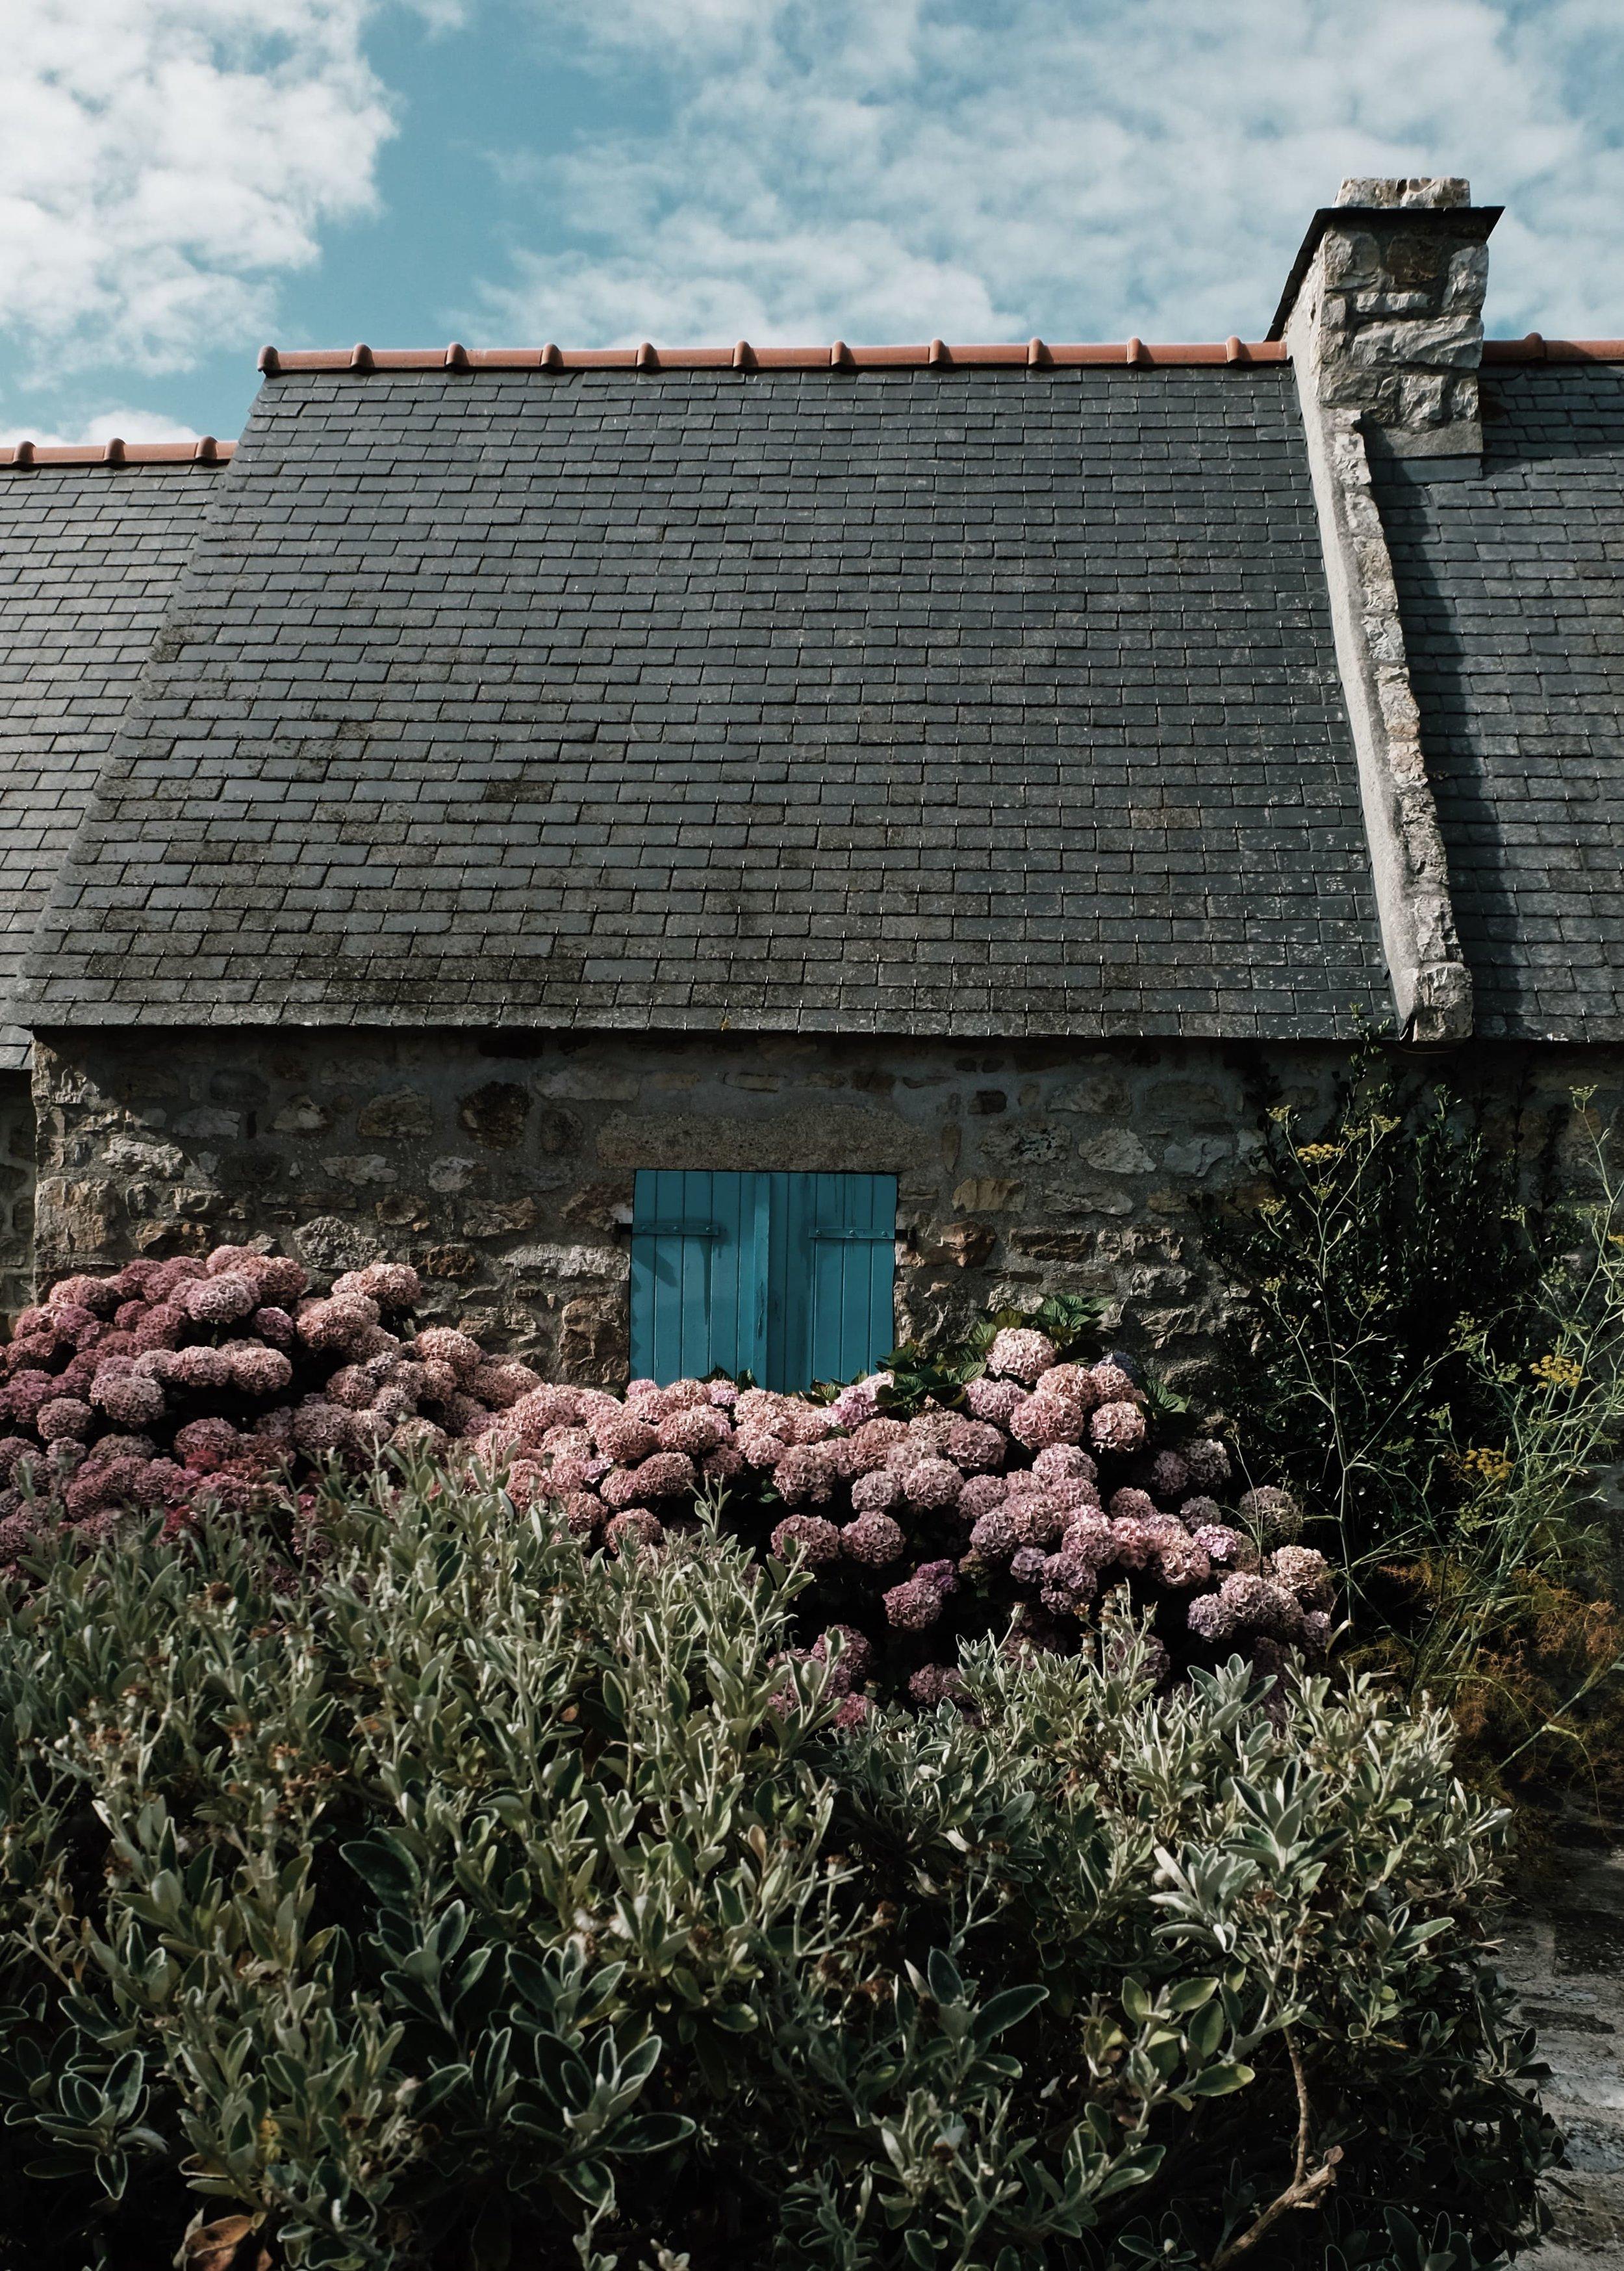 Carnet Sauvage - blog voyage Lille - visiter la Bretagne - presqu'ile de Crozon - Cap de la chevre3.jpg